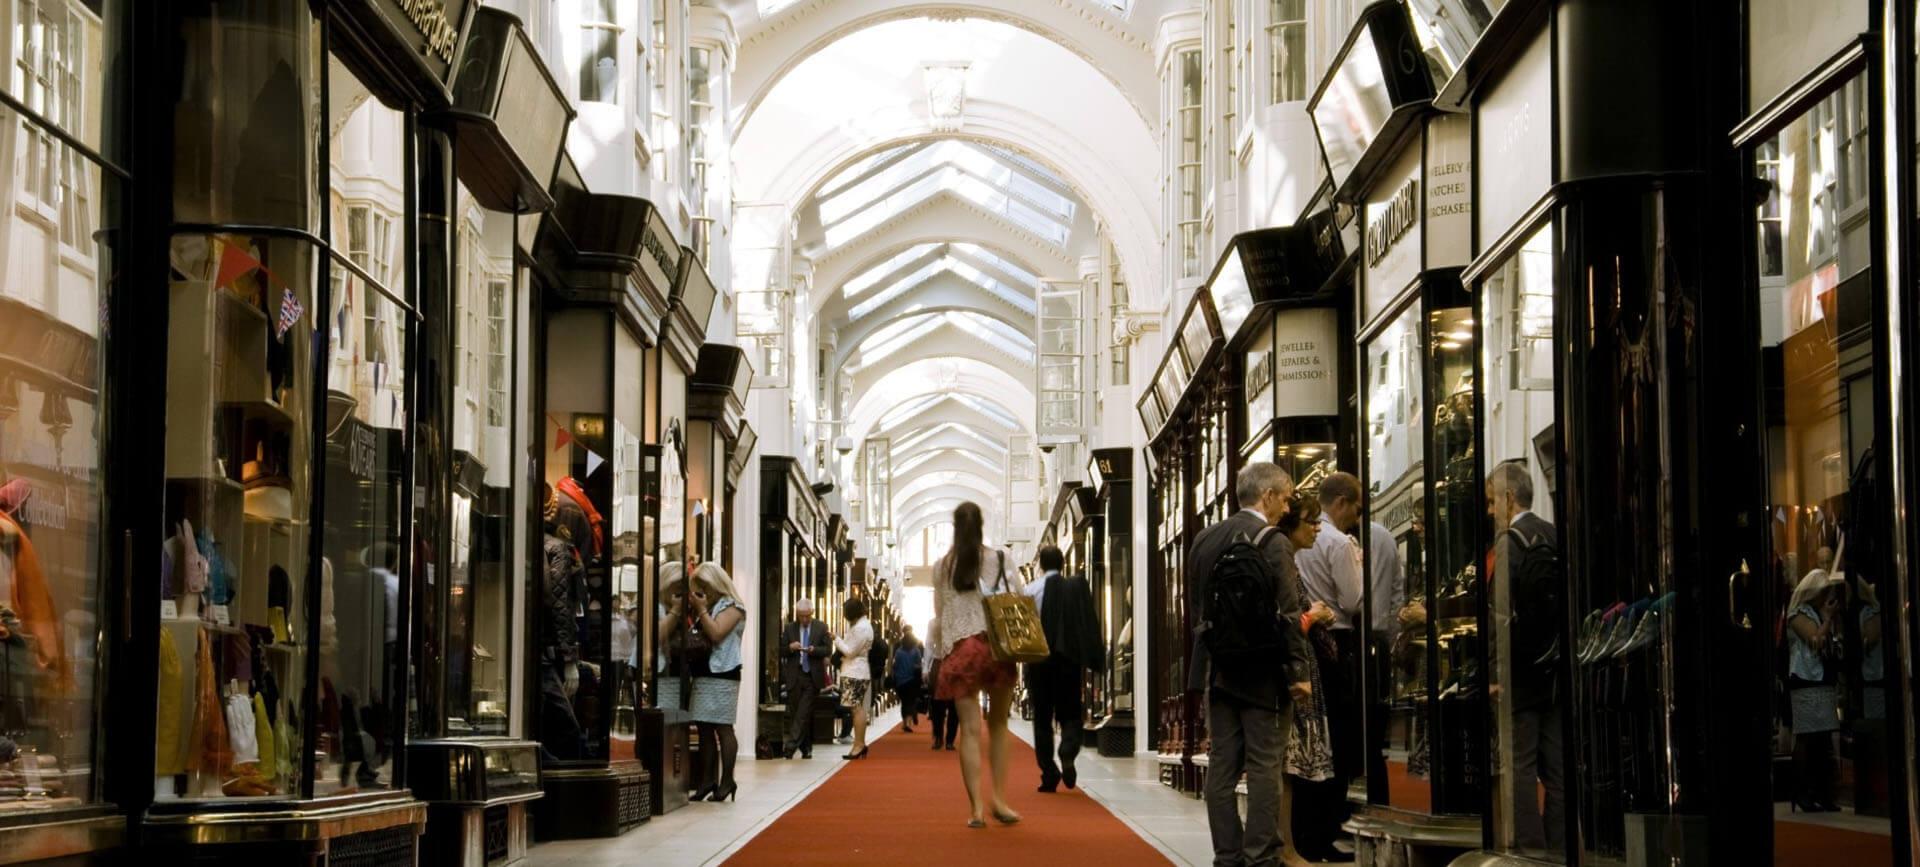 The beautiful Burlington Arcade